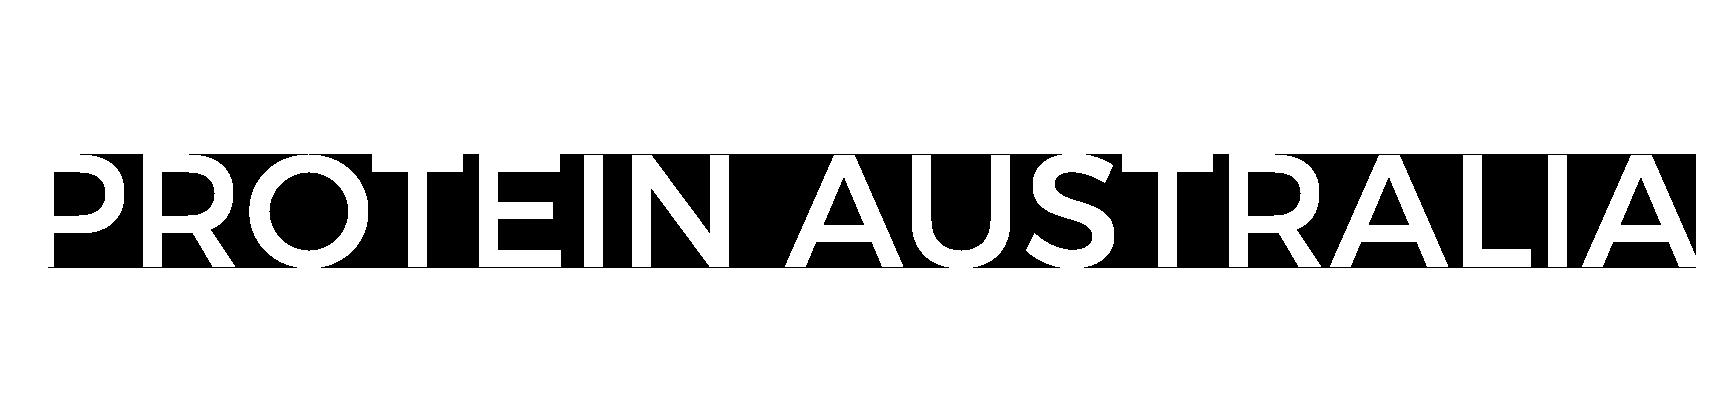 Protein Australia